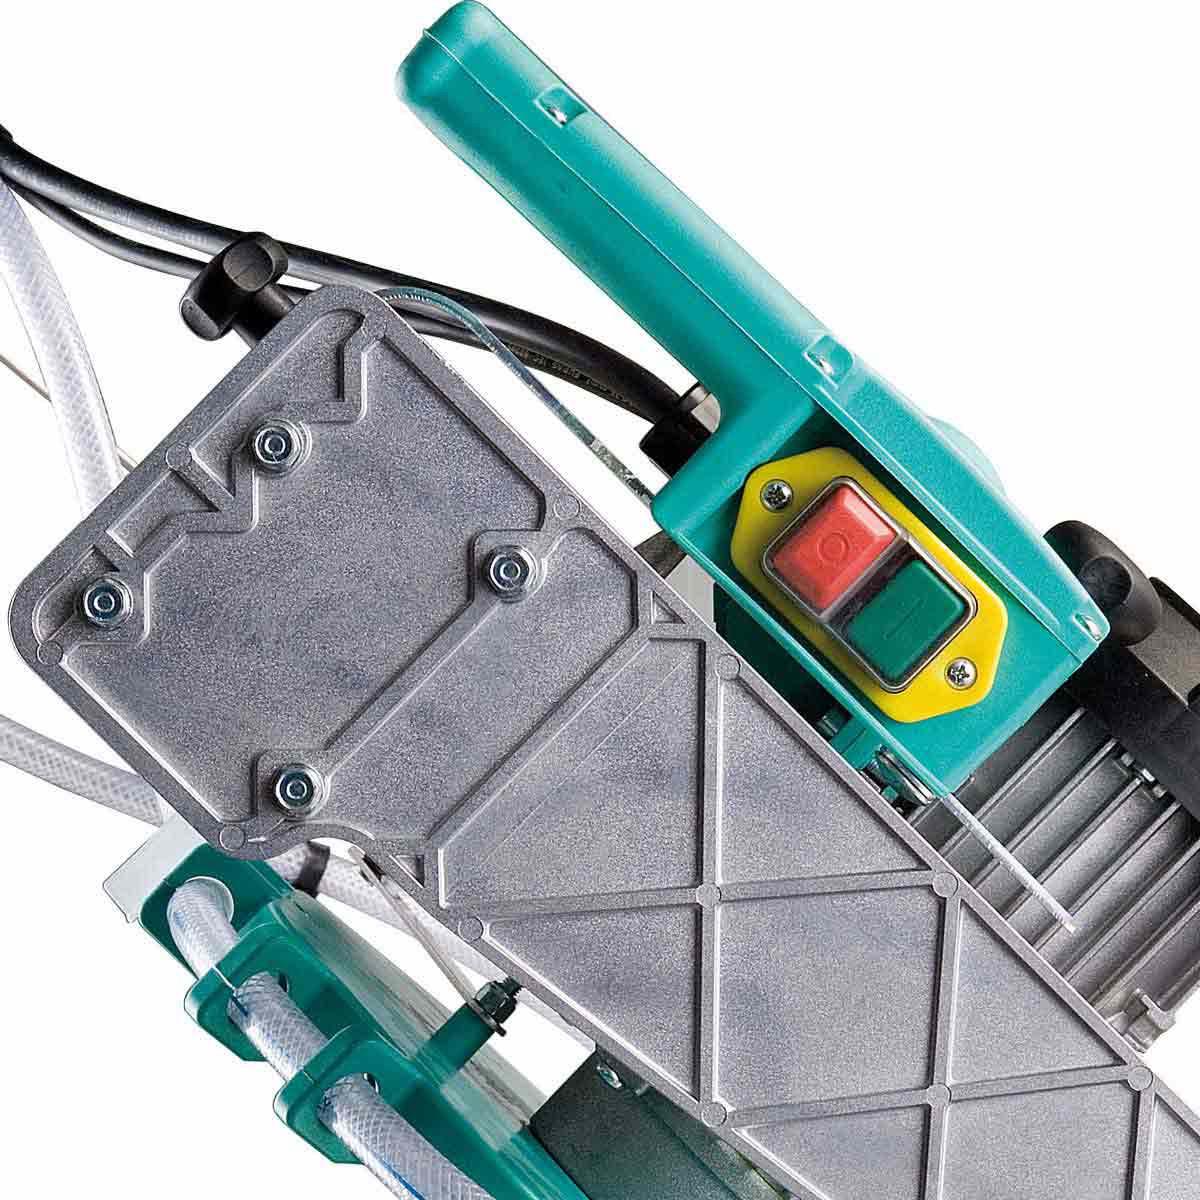 Imer Combi 200VA Wet Tile Saw Switch